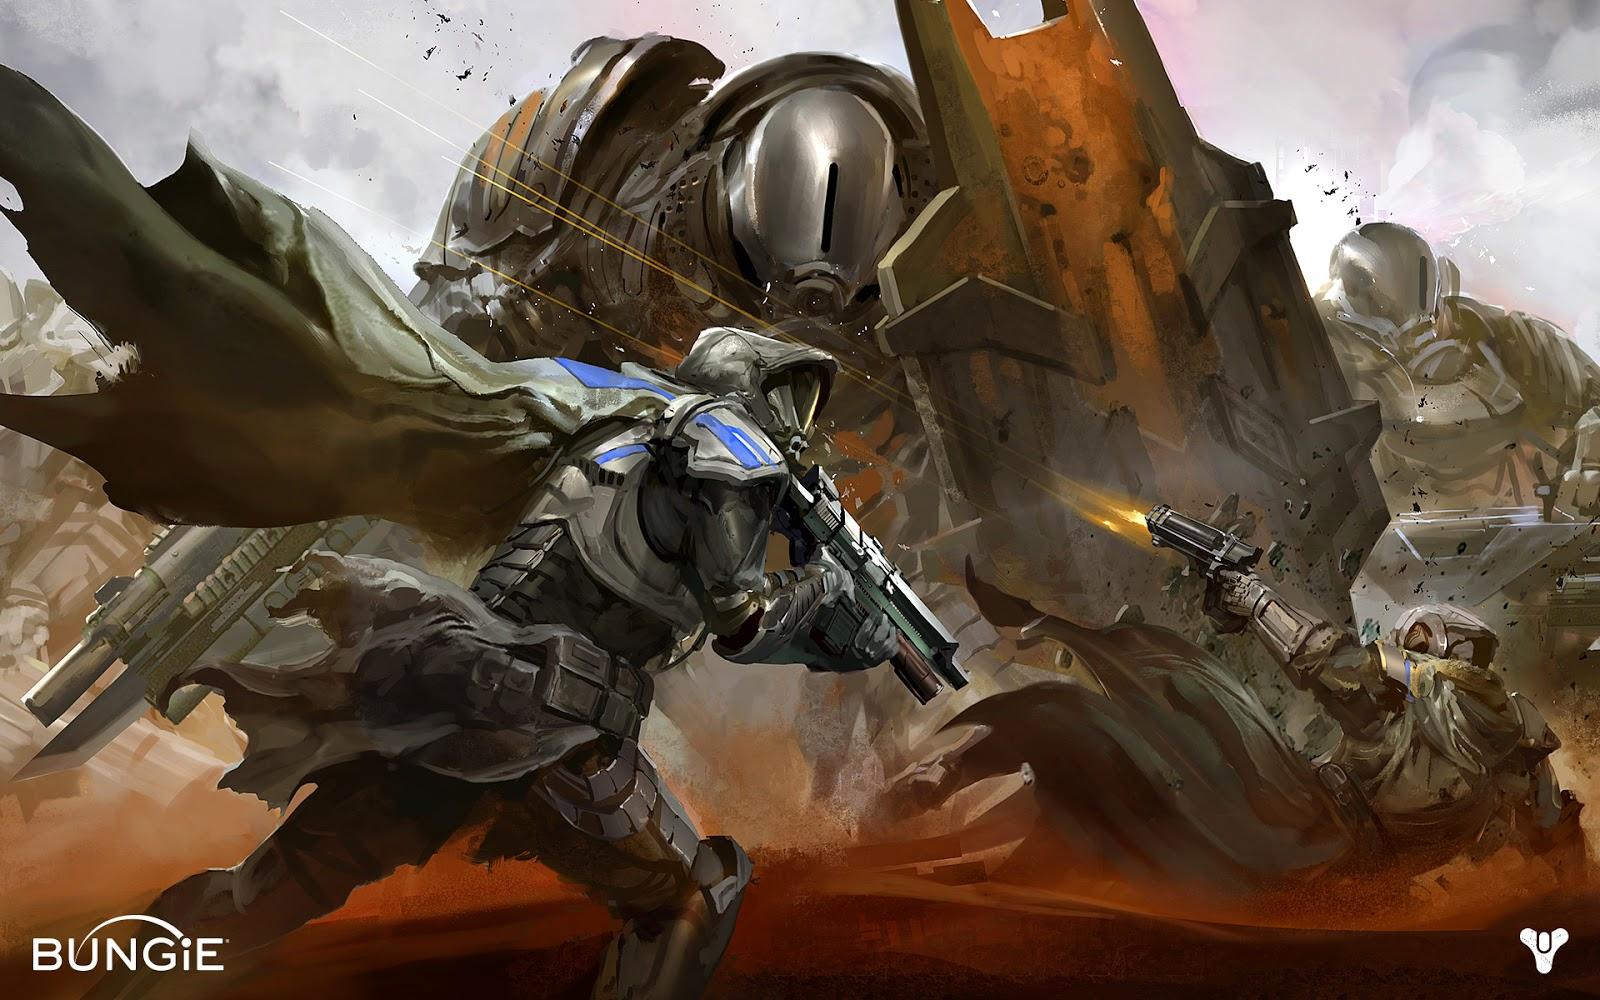 Impresionante trailer de Destiny, justo antes de su lanzamiento